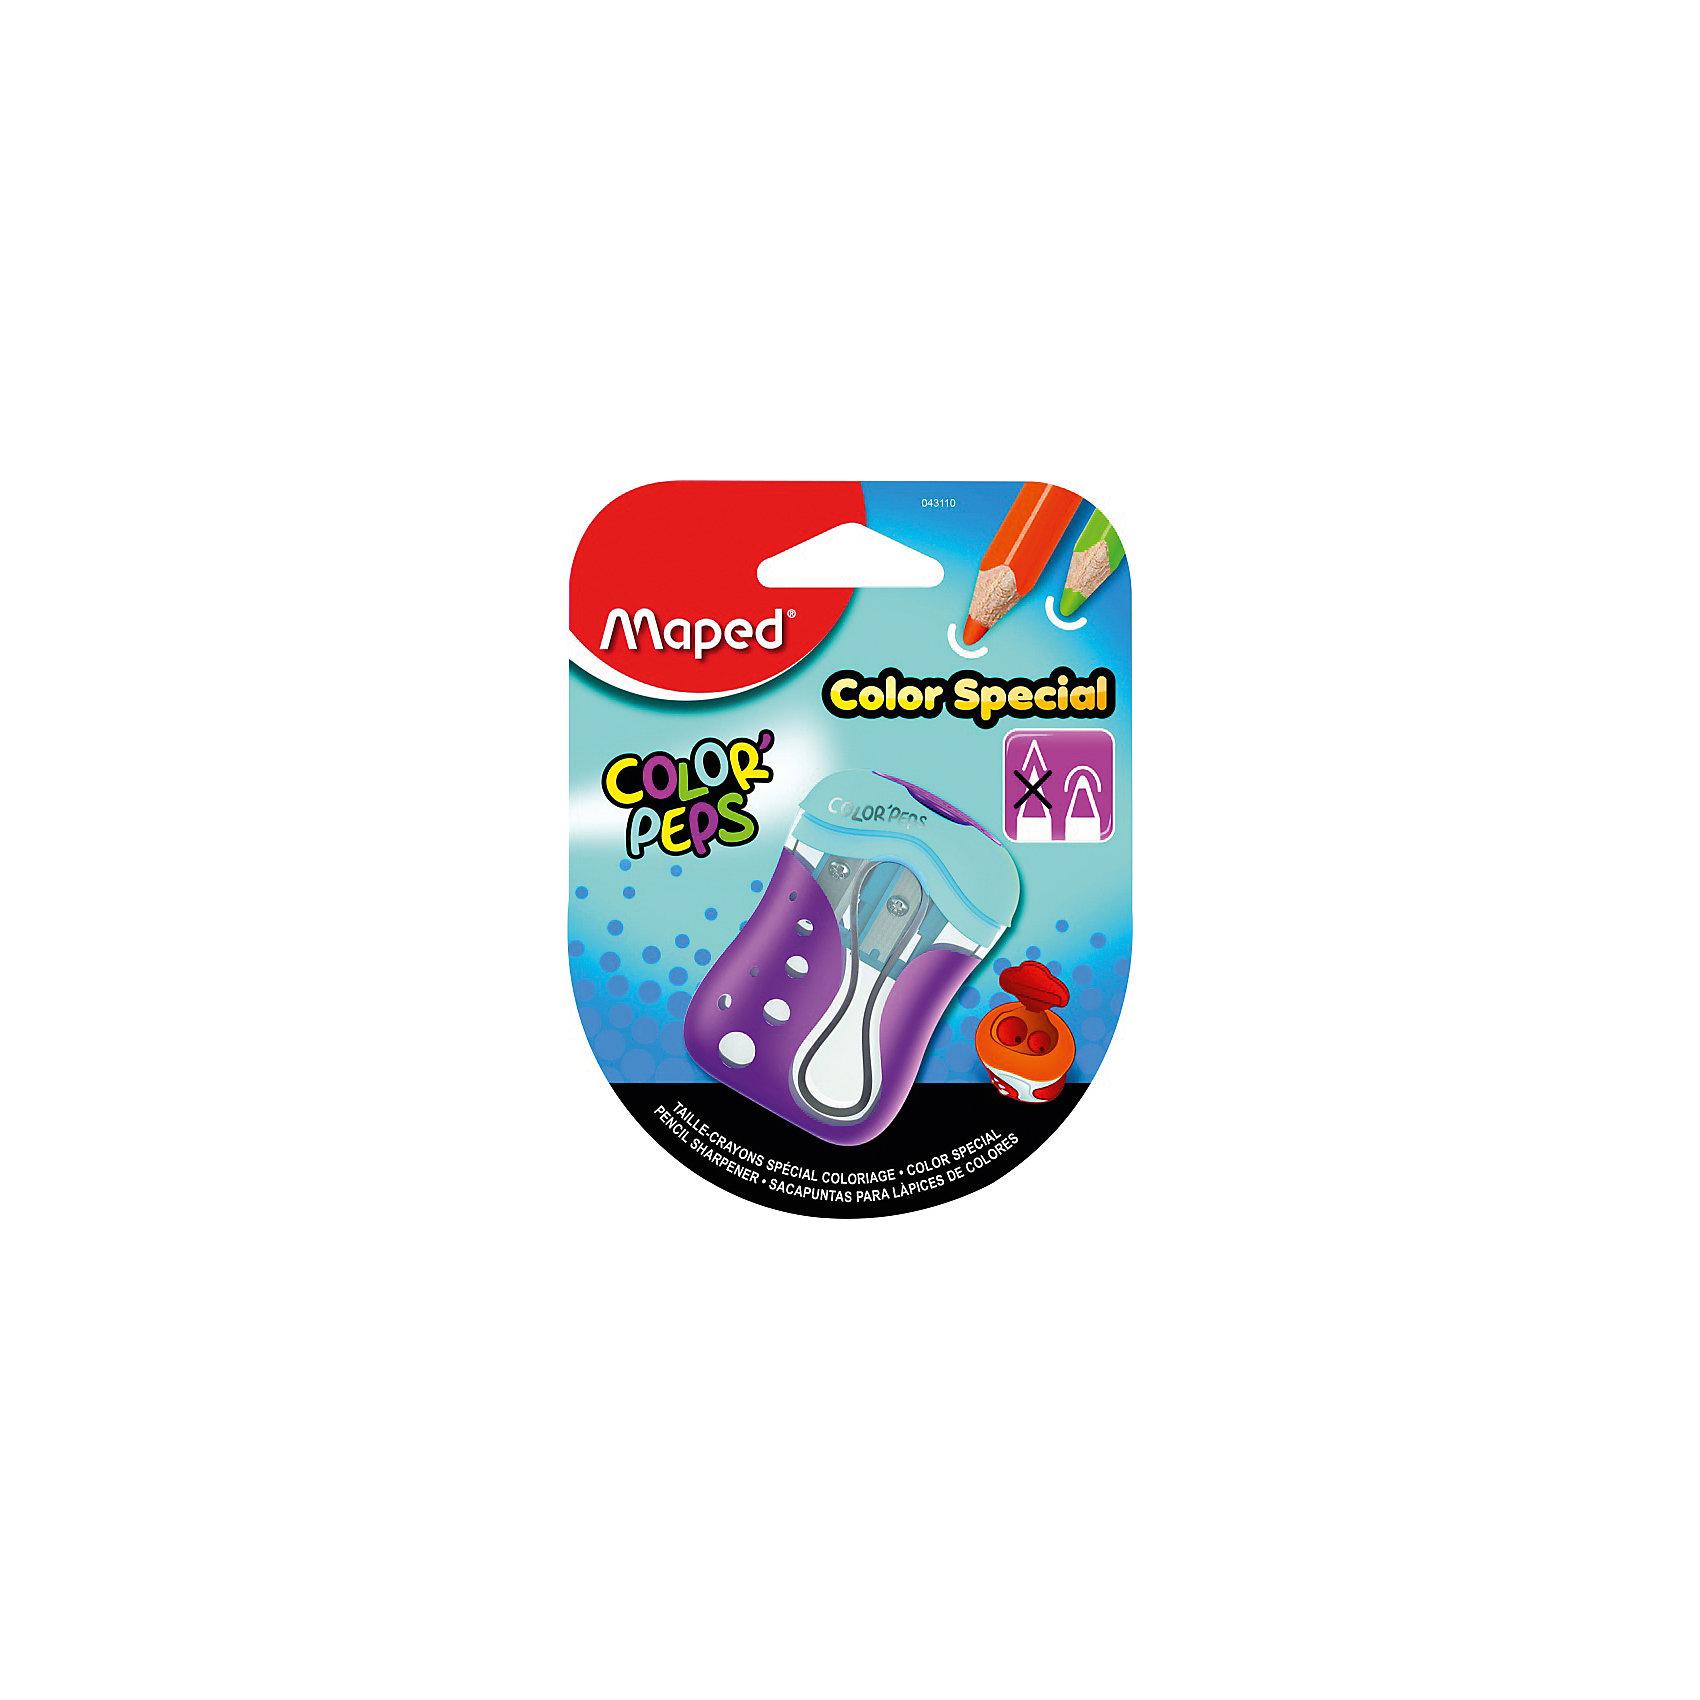 Точилка Color pepsПисьменные принадлежности<br>Точилка Color peps, Maped (Мапед)<br><br>Характеристики:<br><br>• 2 отверстия для карандашей разных размеров<br>• оставляет закругленный грифель карандашей<br>• есть контейнер для мусора<br>• привлекательный дизайн<br>• материал: пластик, металл<br>• размер упаковки: 9,5х3,4х12,5 см<br><br>Точилка Color Peps порадует вас своей функциональностью. Она способна заточить карандаши и даже мелки разных размеров. Оба отверстия со стальными лезвиями можно закрыть крышкой после использования. Точилка оставляет кончик грифеля закругленным, благодаря чему ребенок не сможет пораниться в процессе рисования. Вместительный контейнер для мусора не даст стружке упасть и обеспечит чистоту.<br><br>Точилку Color peps, Maped (Мапед) вы можете купить в нашем интернет-магазине.<br><br>Ширина мм: 125<br>Глубина мм: 34<br>Высота мм: 95<br>Вес г: 23<br>Возраст от месяцев: 36<br>Возраст до месяцев: 84<br>Пол: Унисекс<br>Возраст: Детский<br>SKU: 4782512